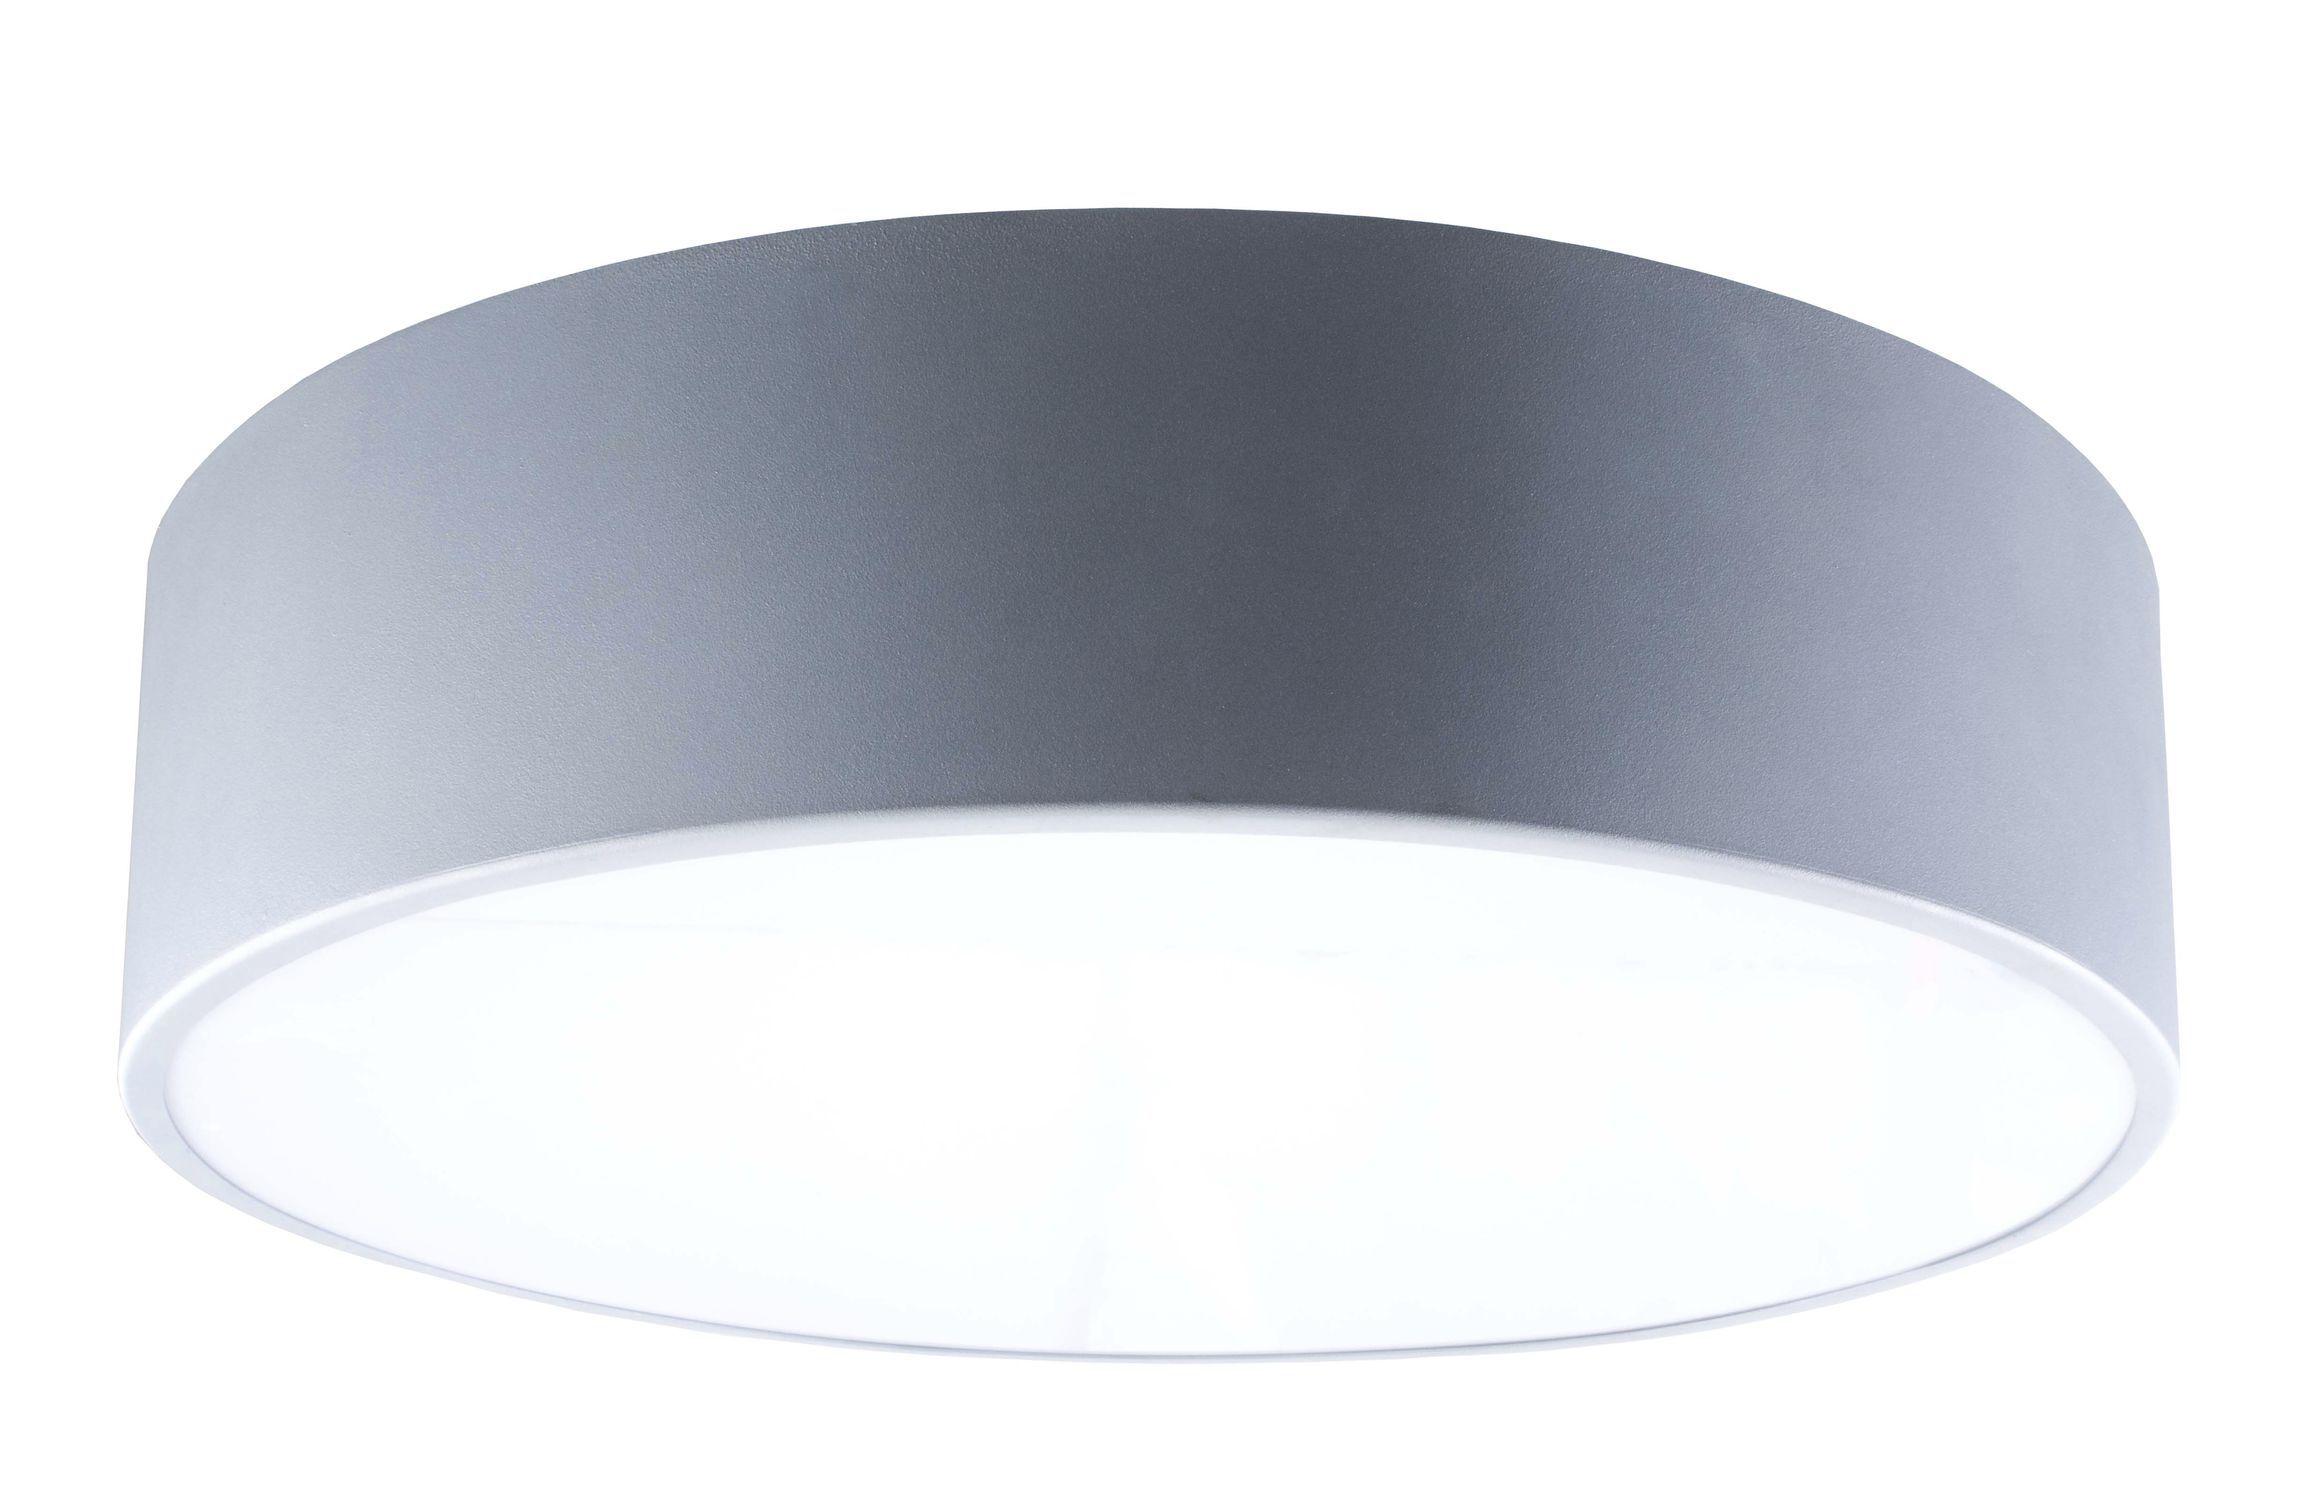 Lampada Tubolare Fluorescente : Luce led a lampada fluorescente tonda in acciaio round sm